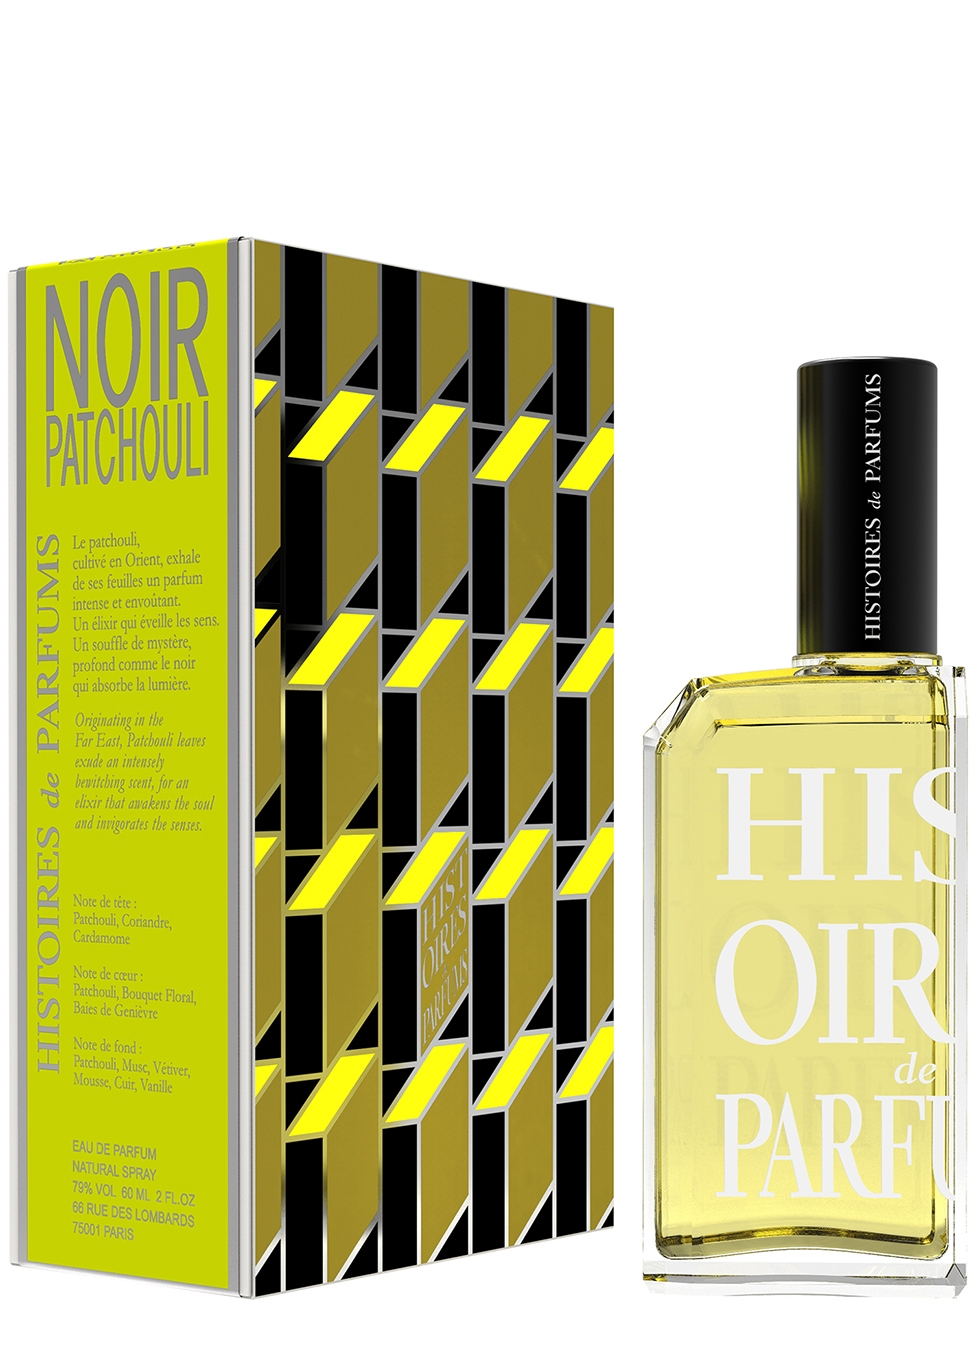 Noir Patchouli Eau De Parfum 60ml - Histoires de Parfums